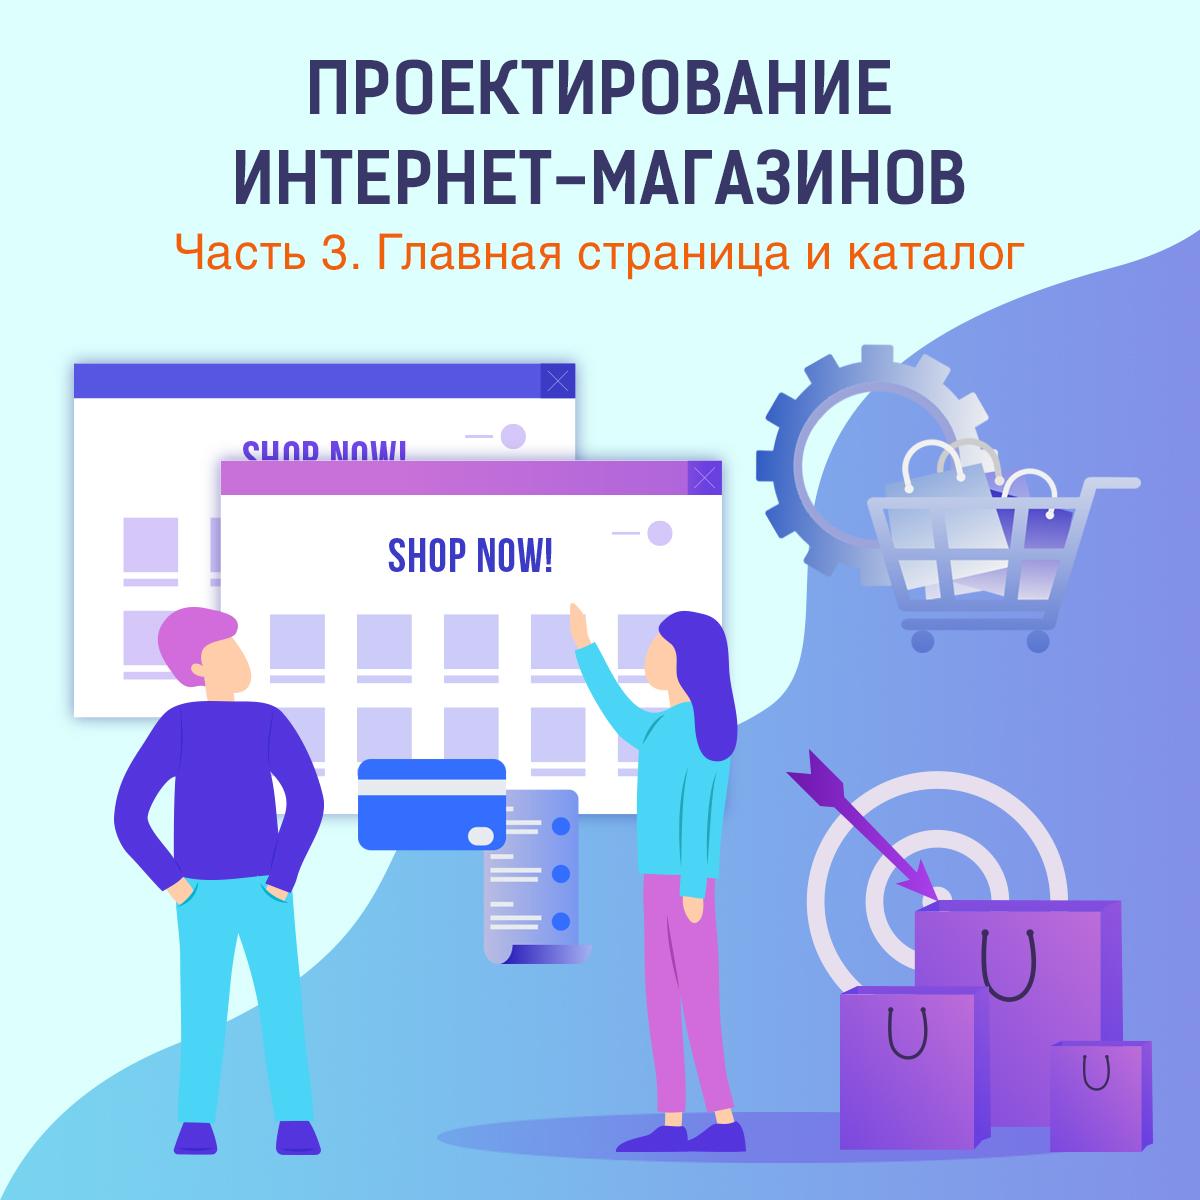 Проектирование интернет-магазинов. Часть 3. Главная страница и каталог